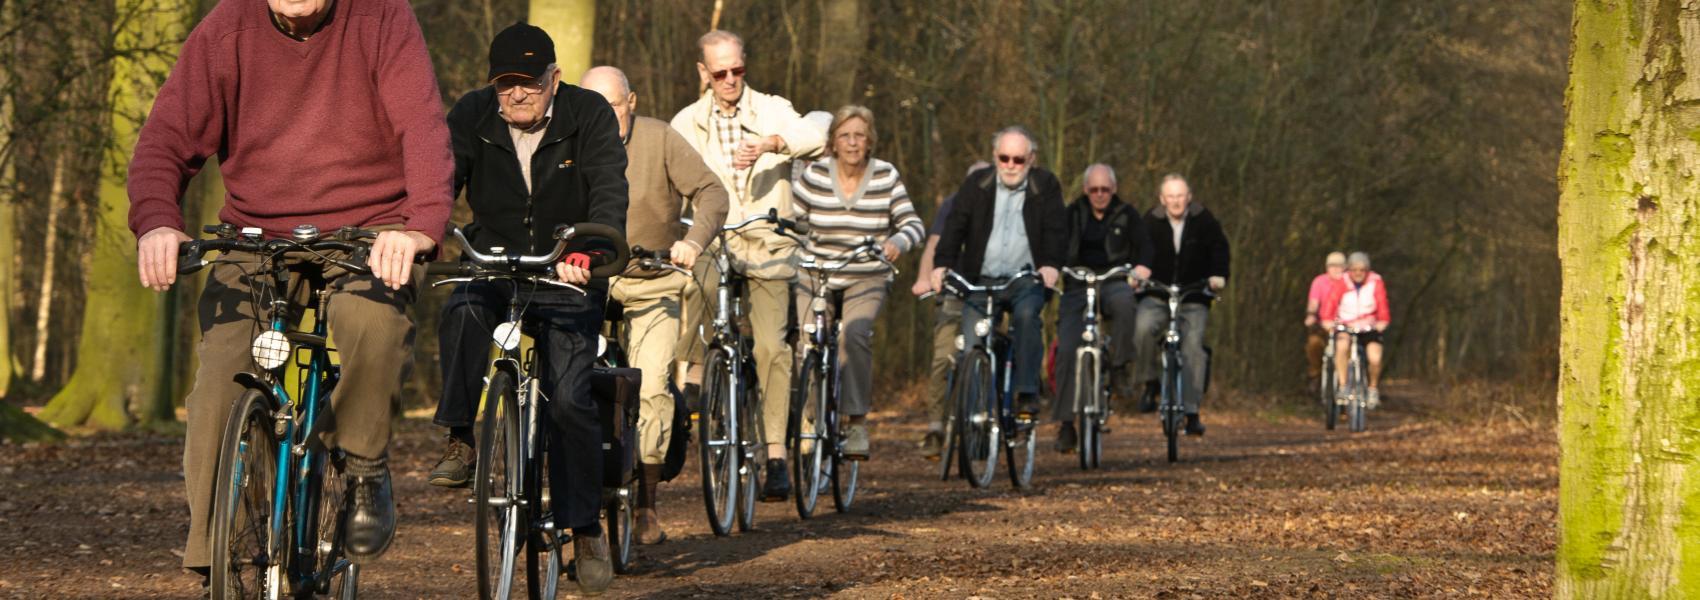 groep fietsers in Ertbrugge